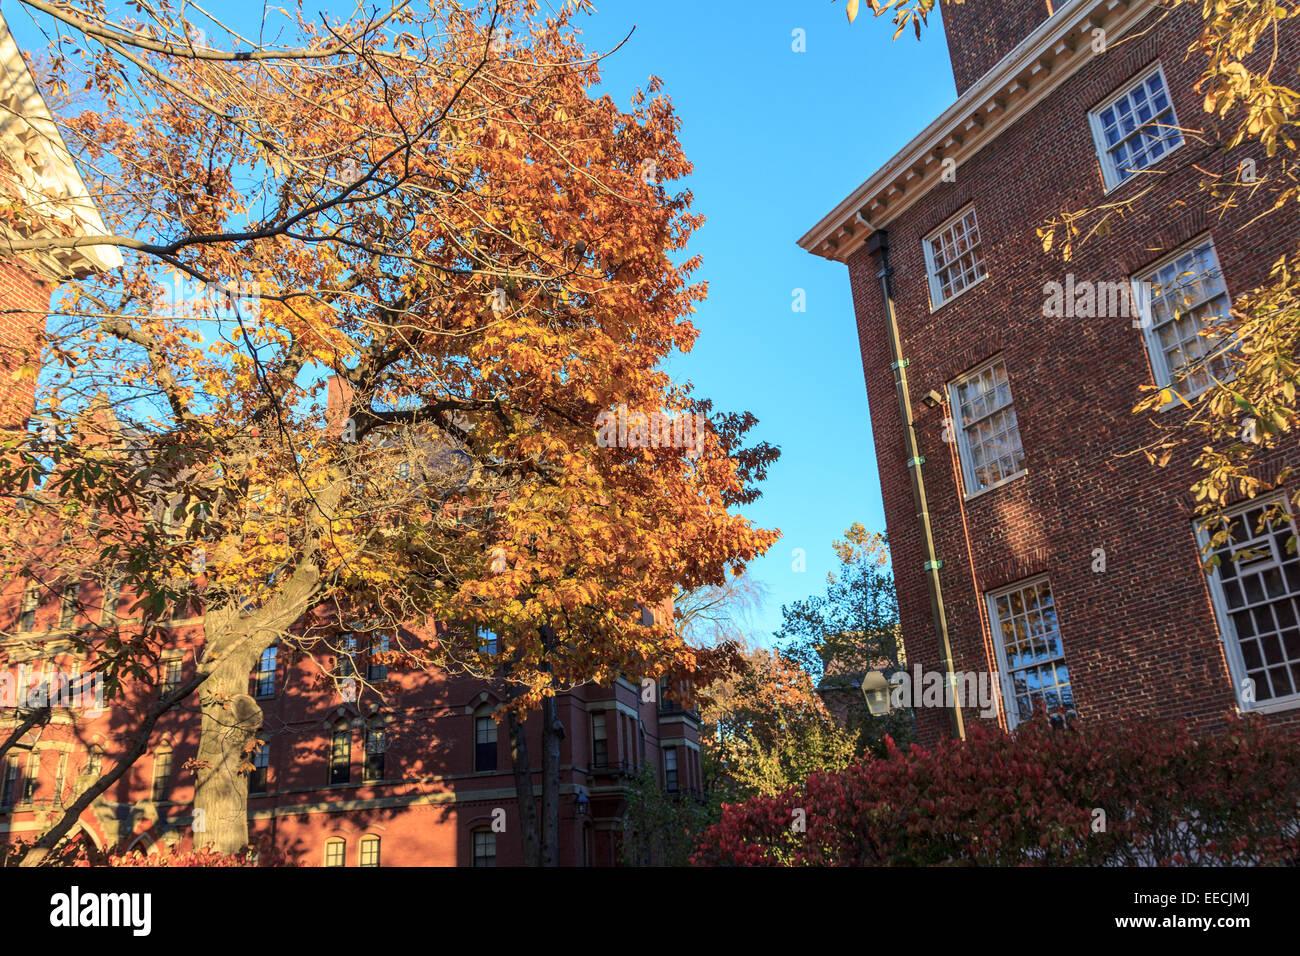 Automne feuillage coloré et historique bâtiments dortoirs sur le campus de l'Université de Harvard Photo Stock